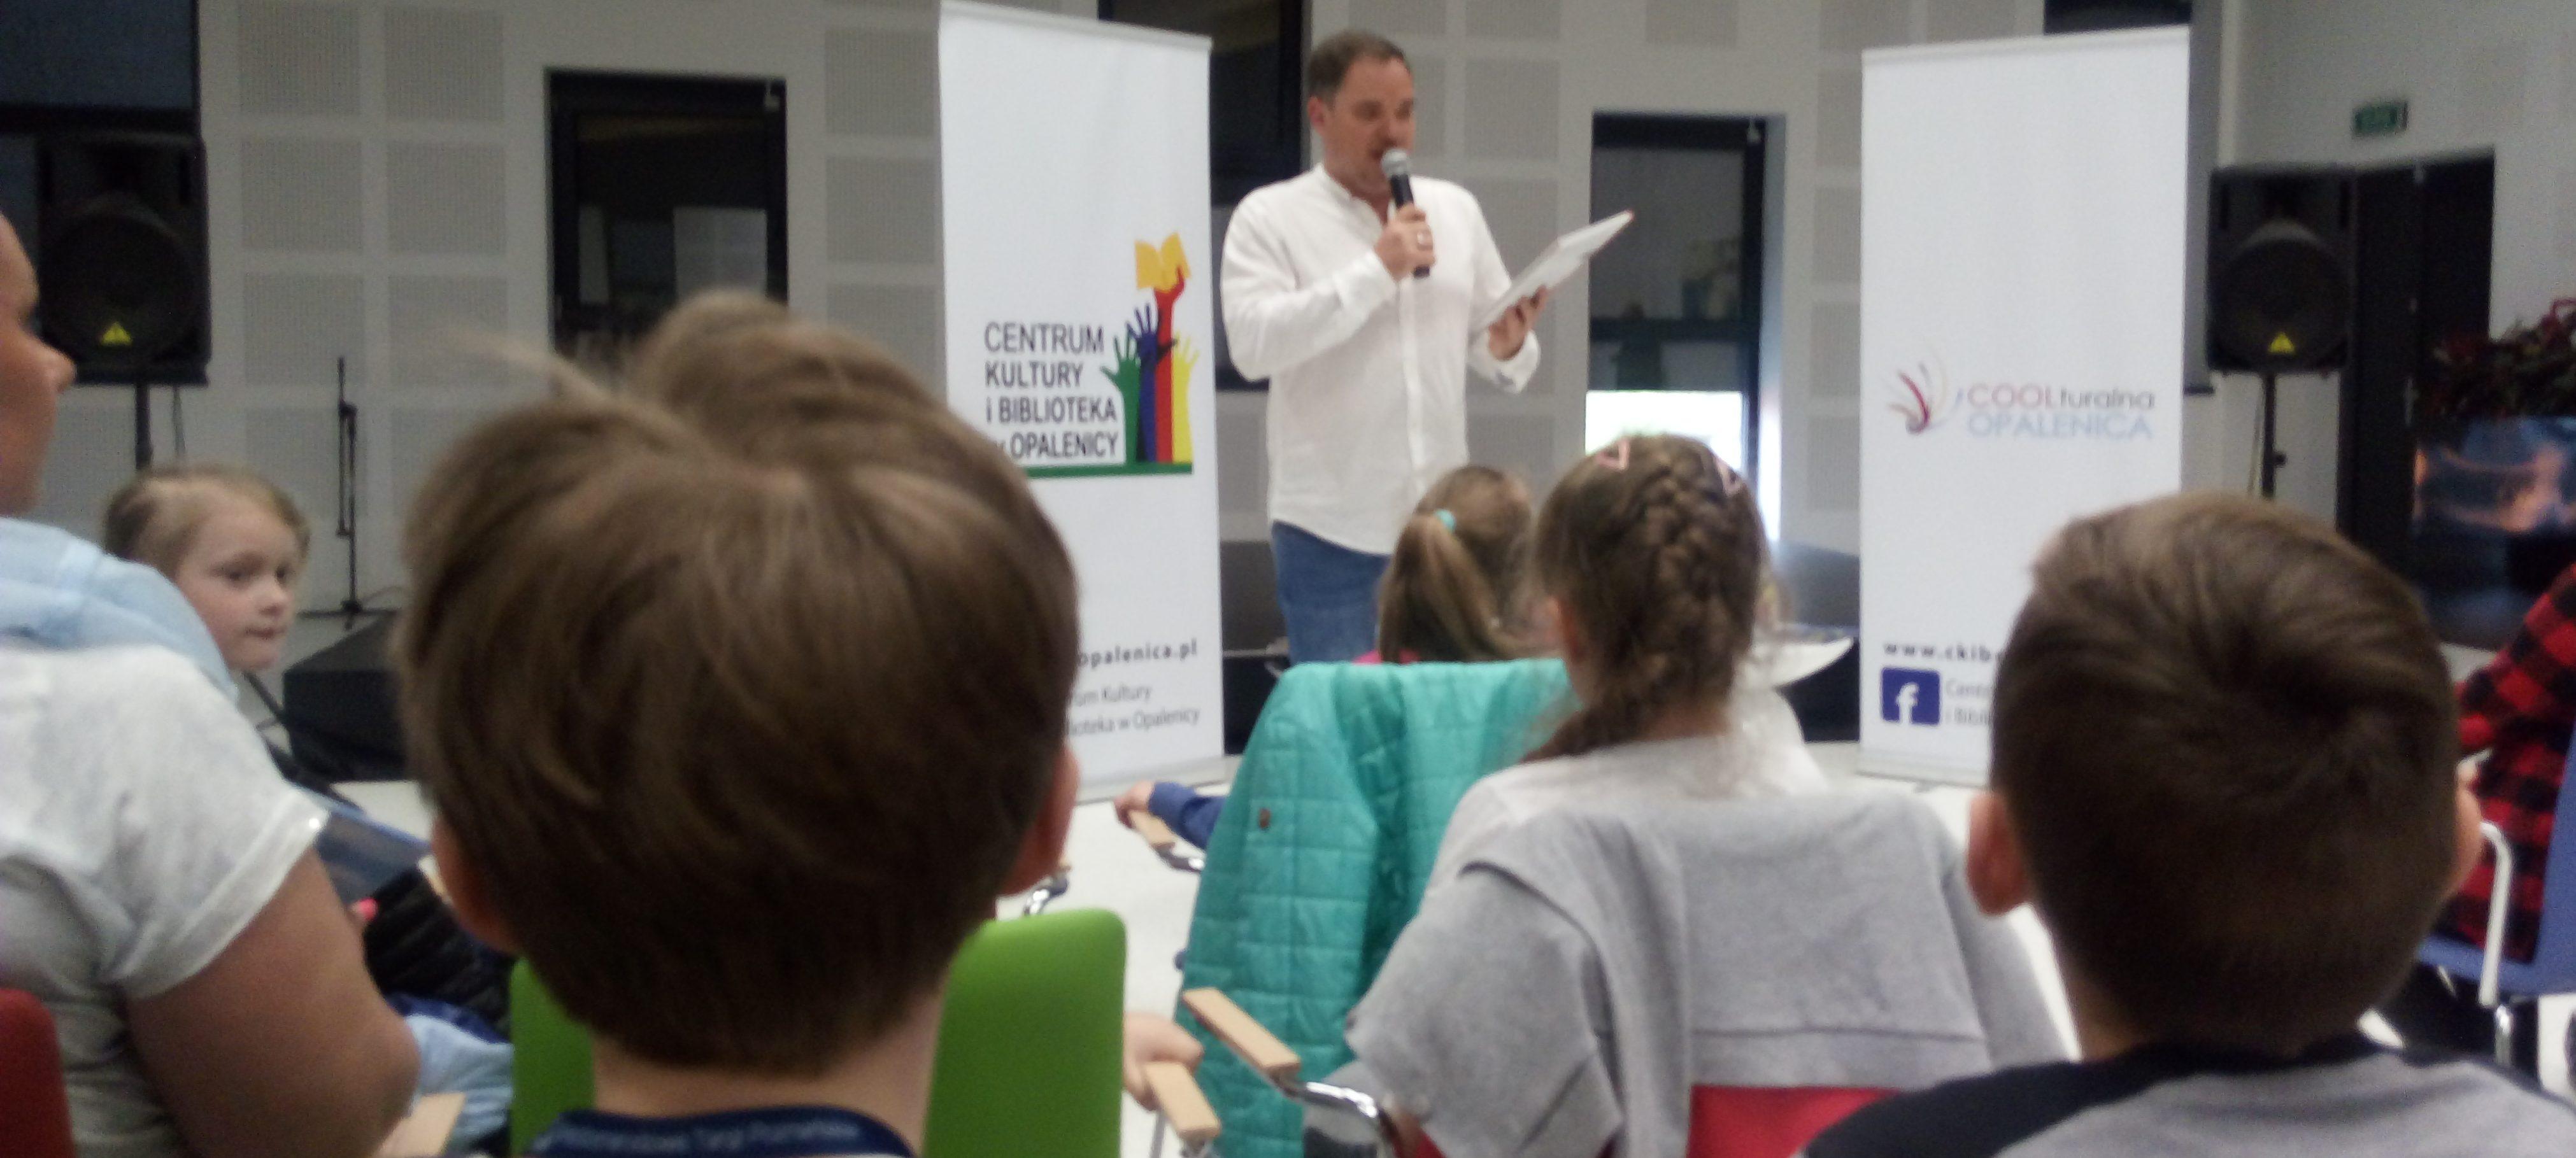 Spotkania ze współczesnym pisarzem Grzegorzem Kasdepke